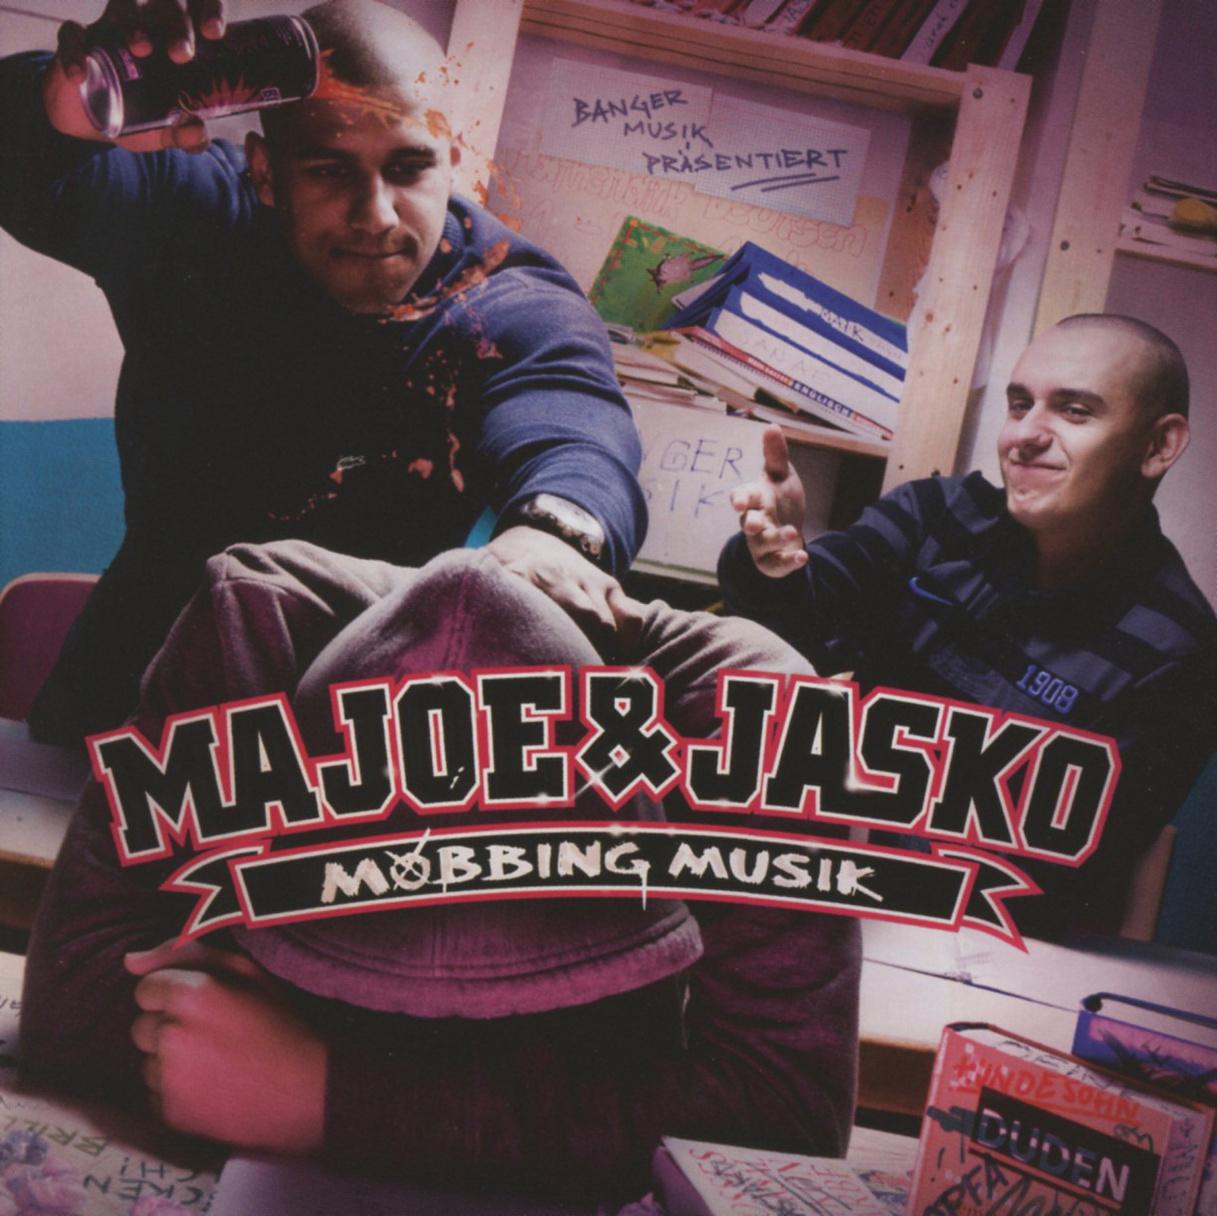 Majoe & Jasko - Mobbing Musik